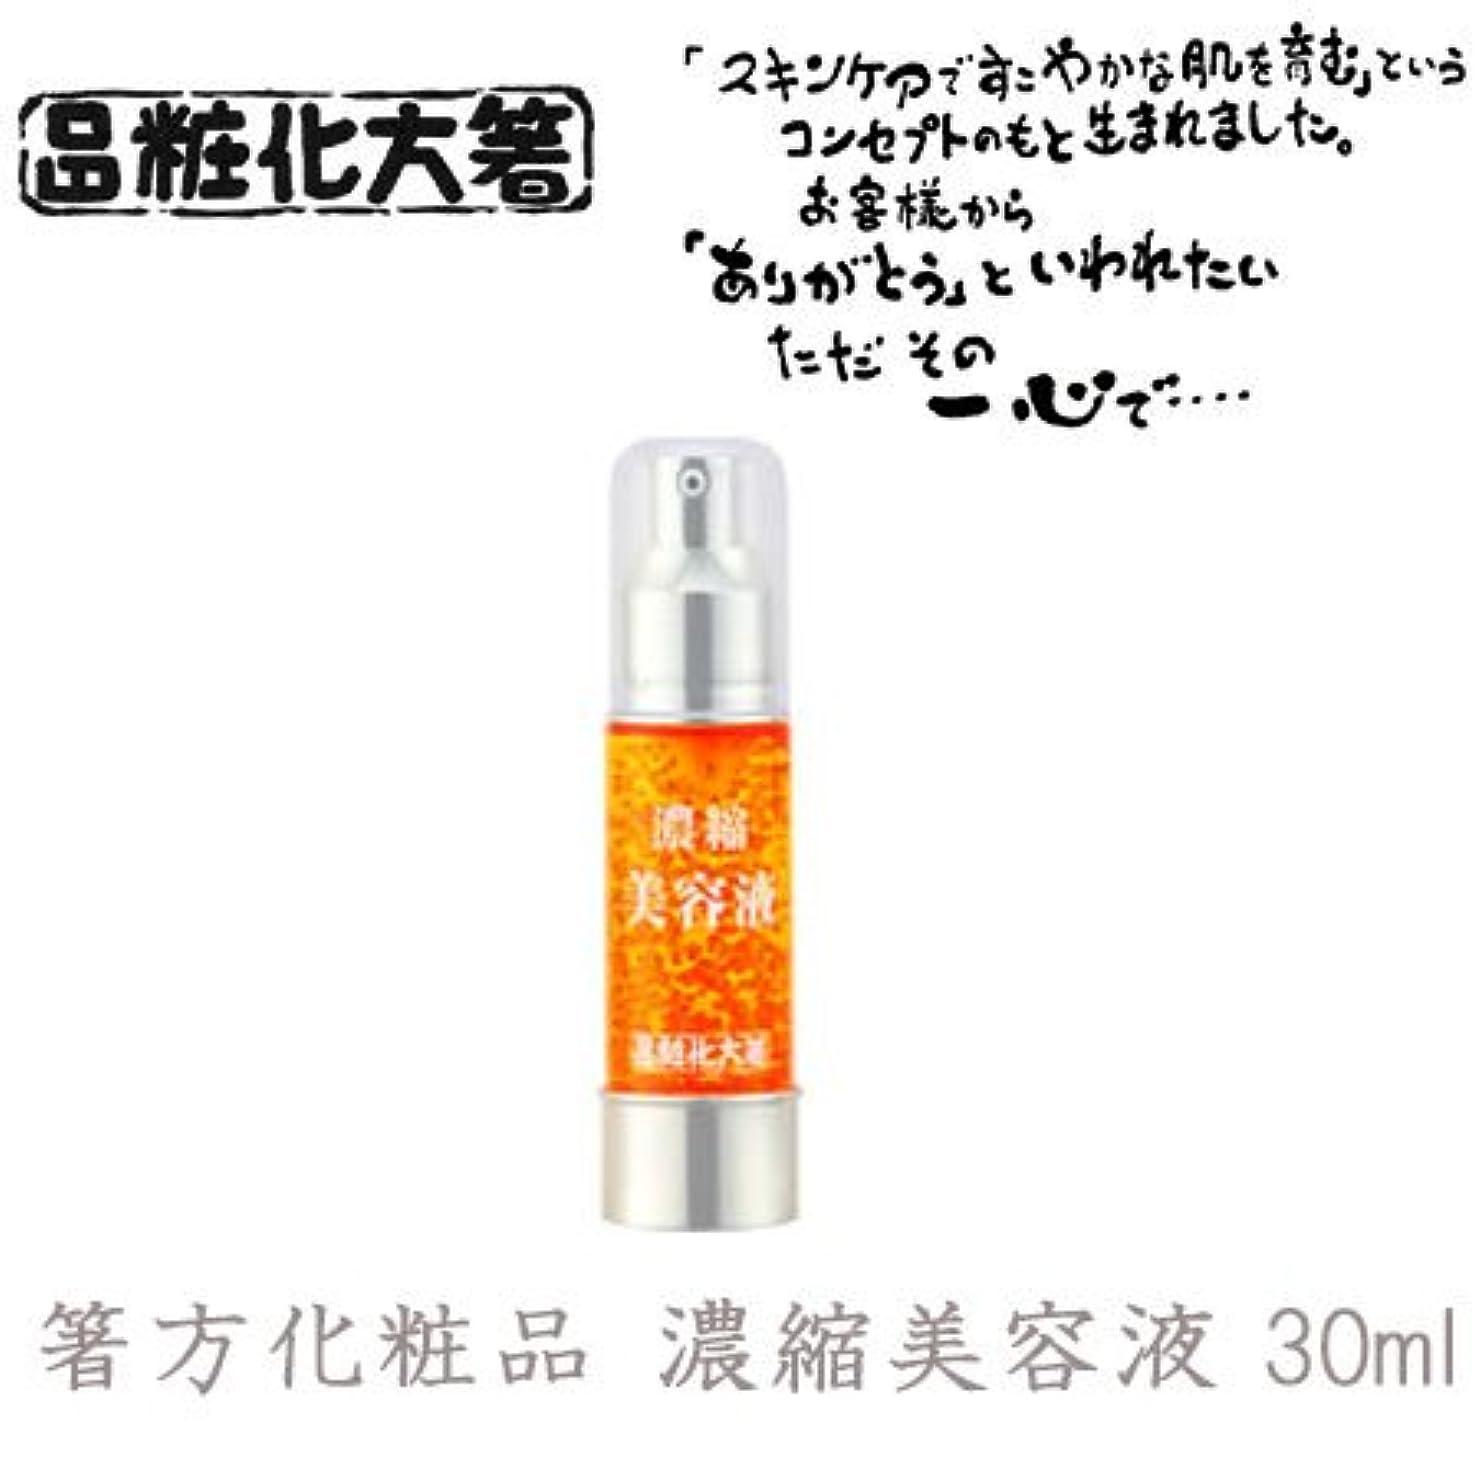 テレビラリーベルモントに対応箸方化粧品 濃縮美容液 30ml はしかた化粧品